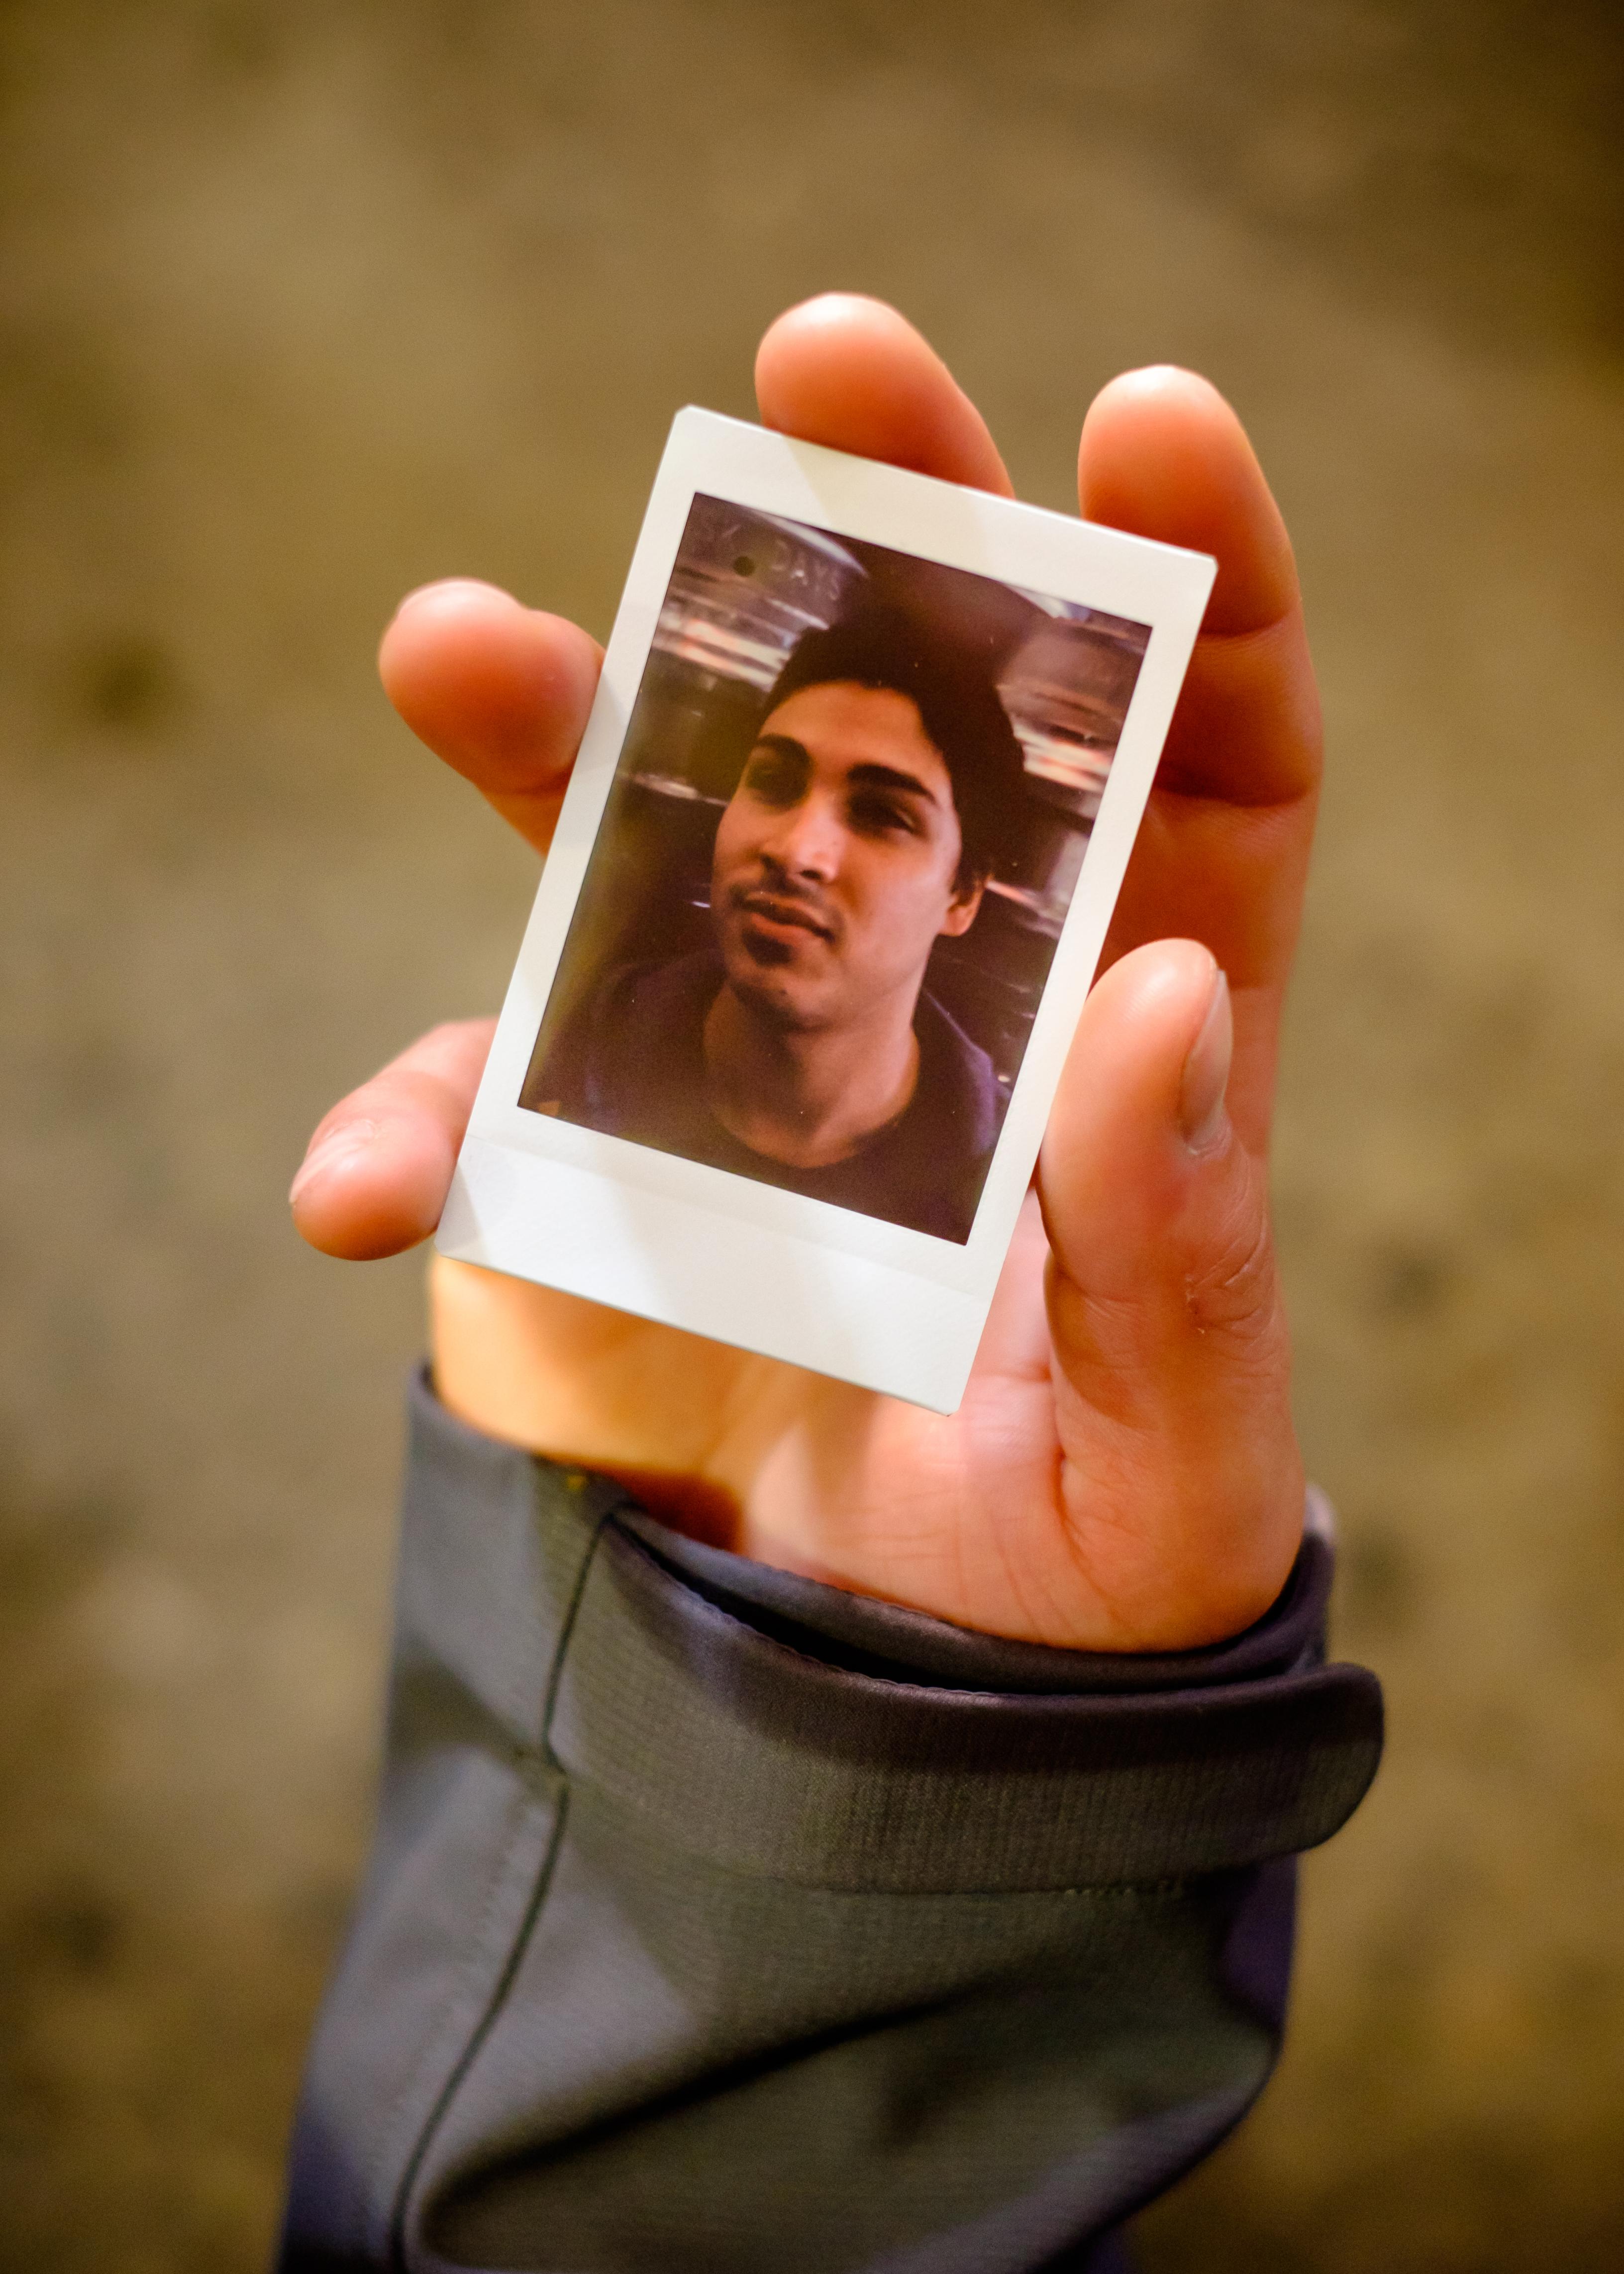 Olivier Bourget portrait dans la main-77